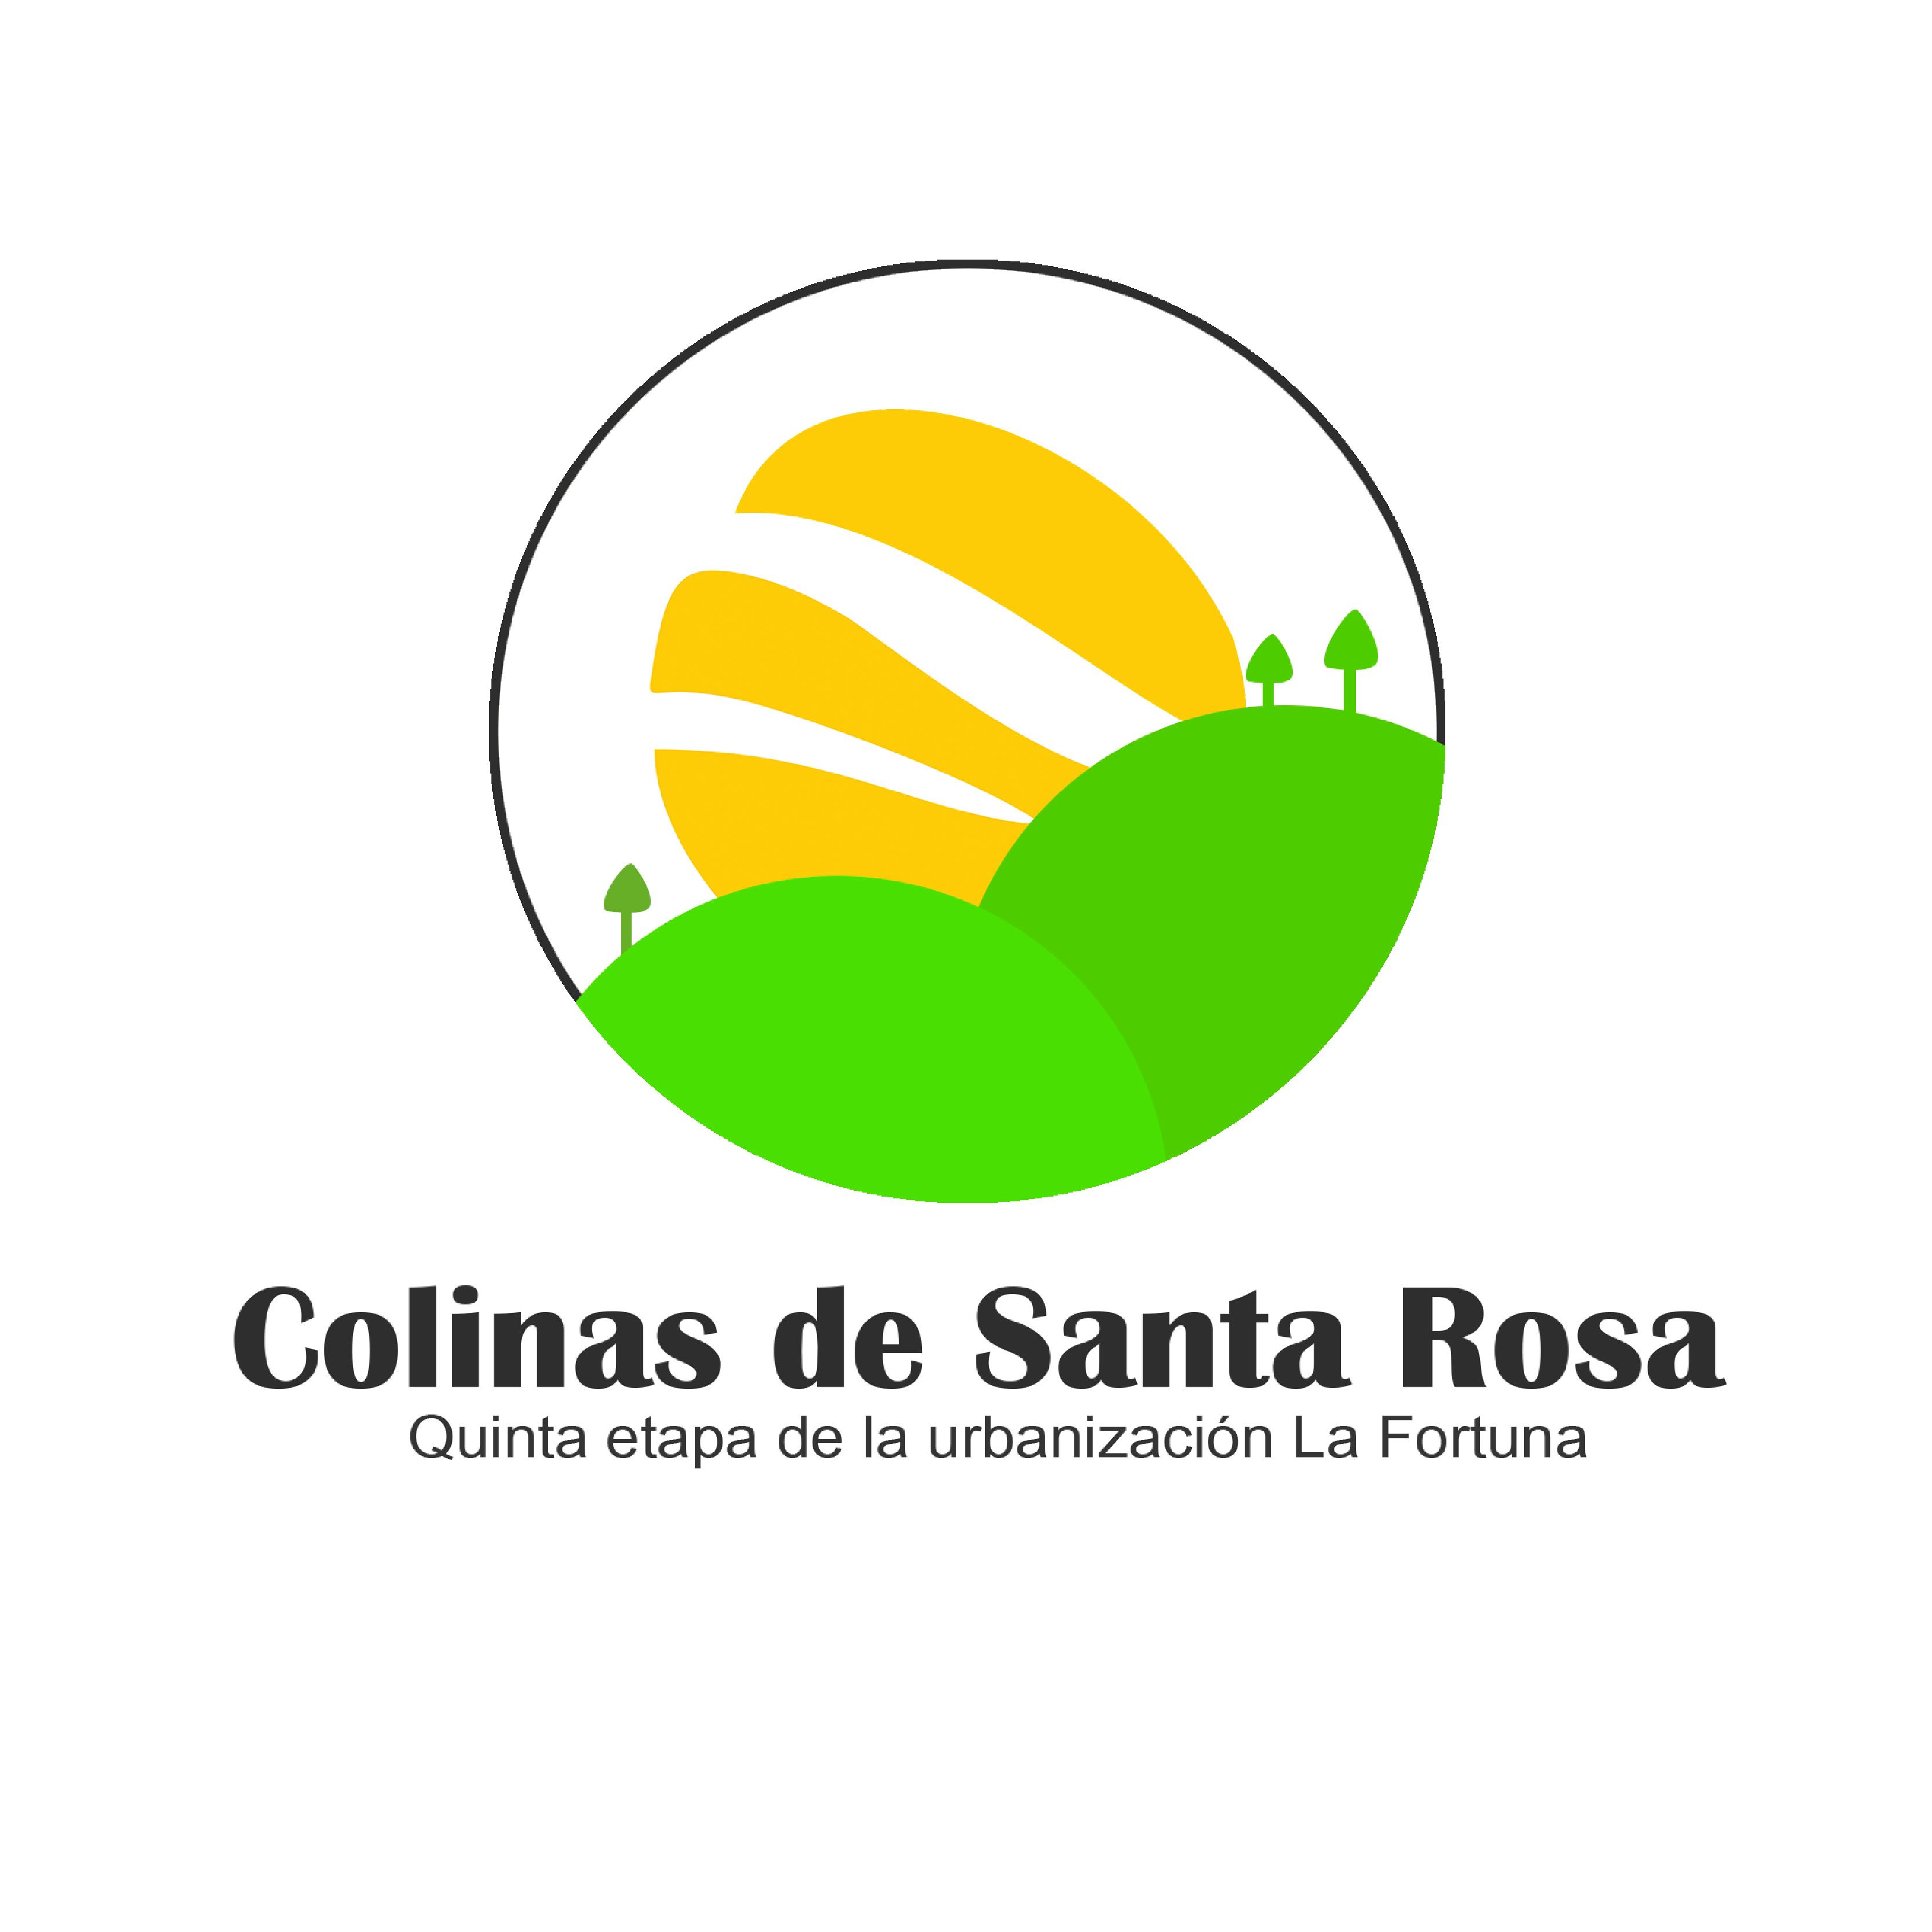 Colinas de Santa Rosa